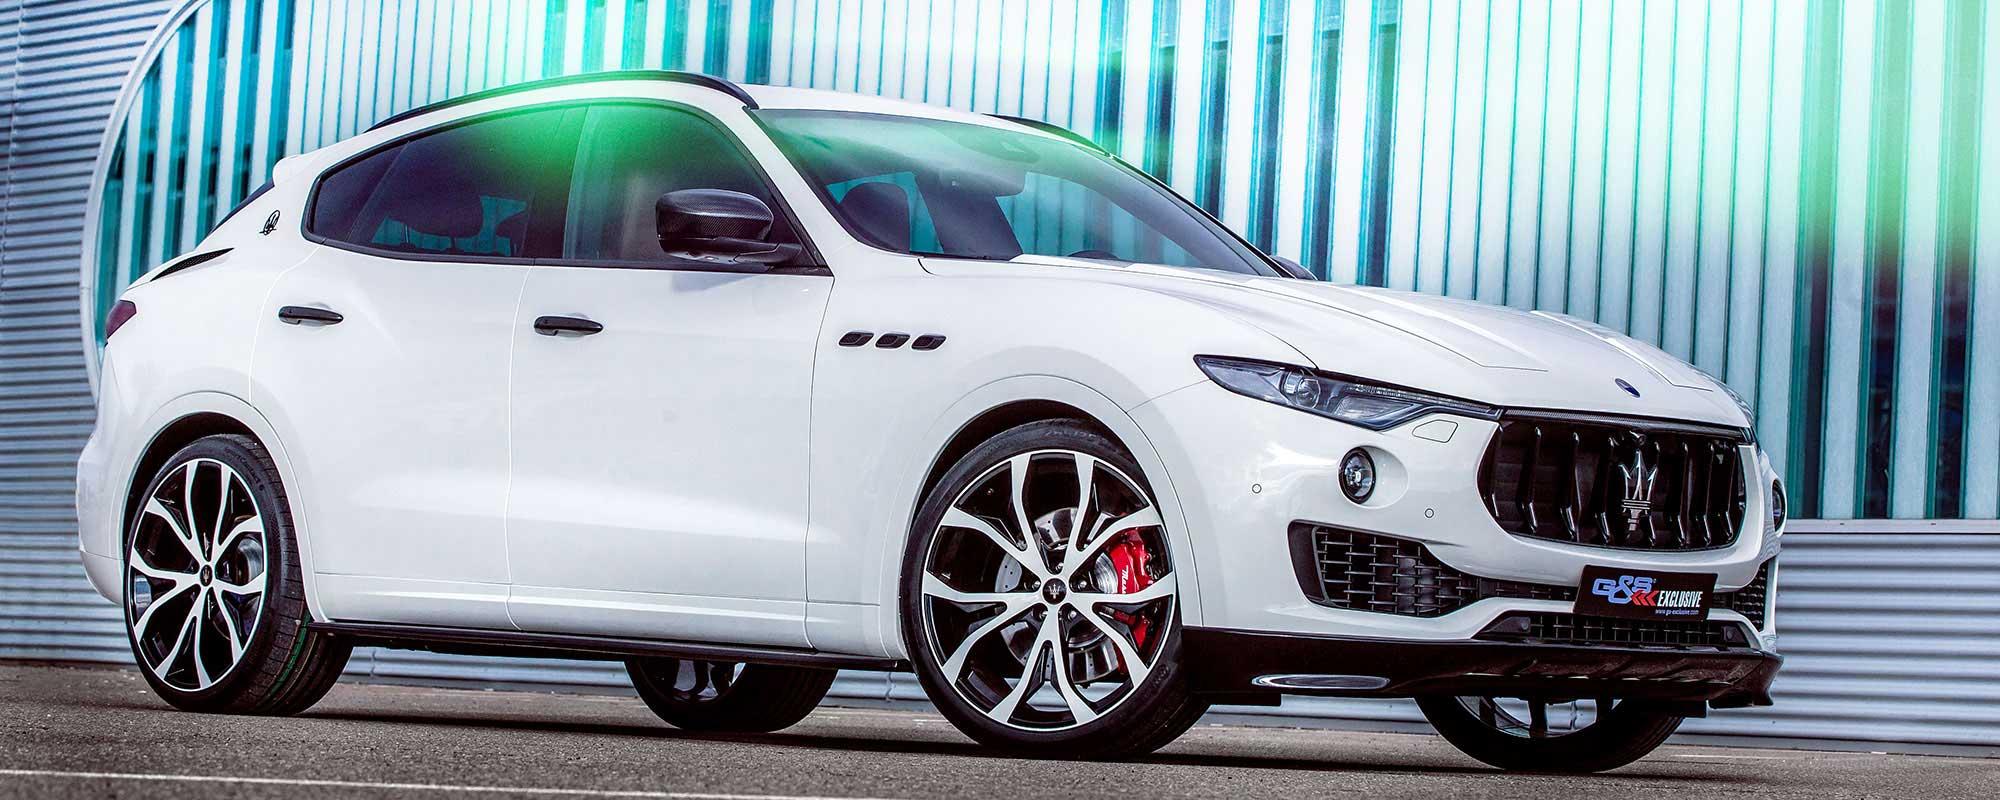 Frontlippenansätze und Carbonteile für exklusive Optik des Maserati Levante